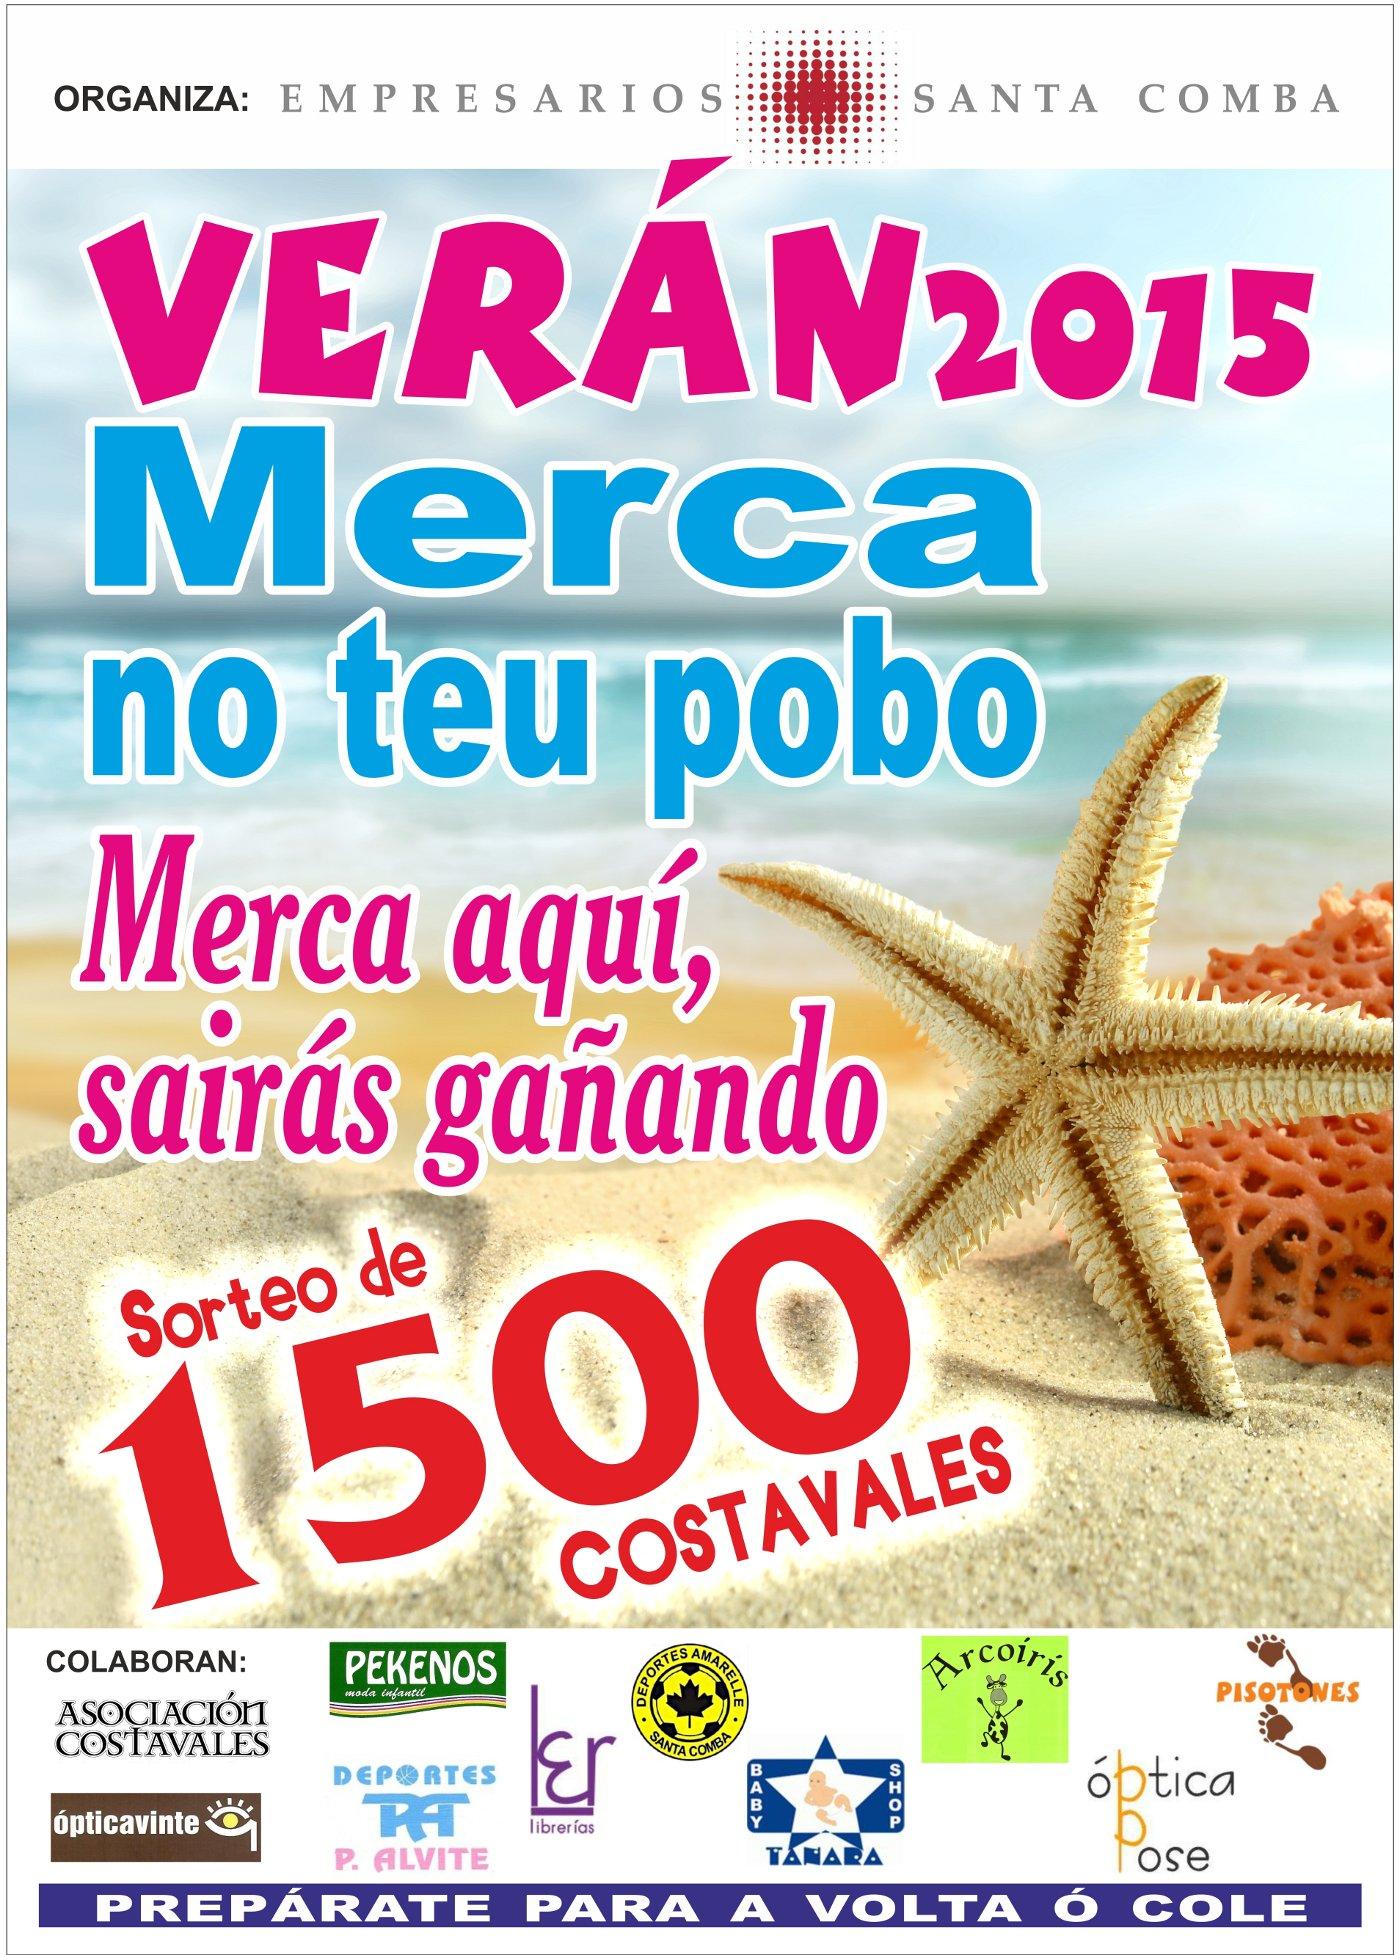 Cartaz sorteo costavales, campaña verán 2015 da asociación de empresarios de Santa Comba